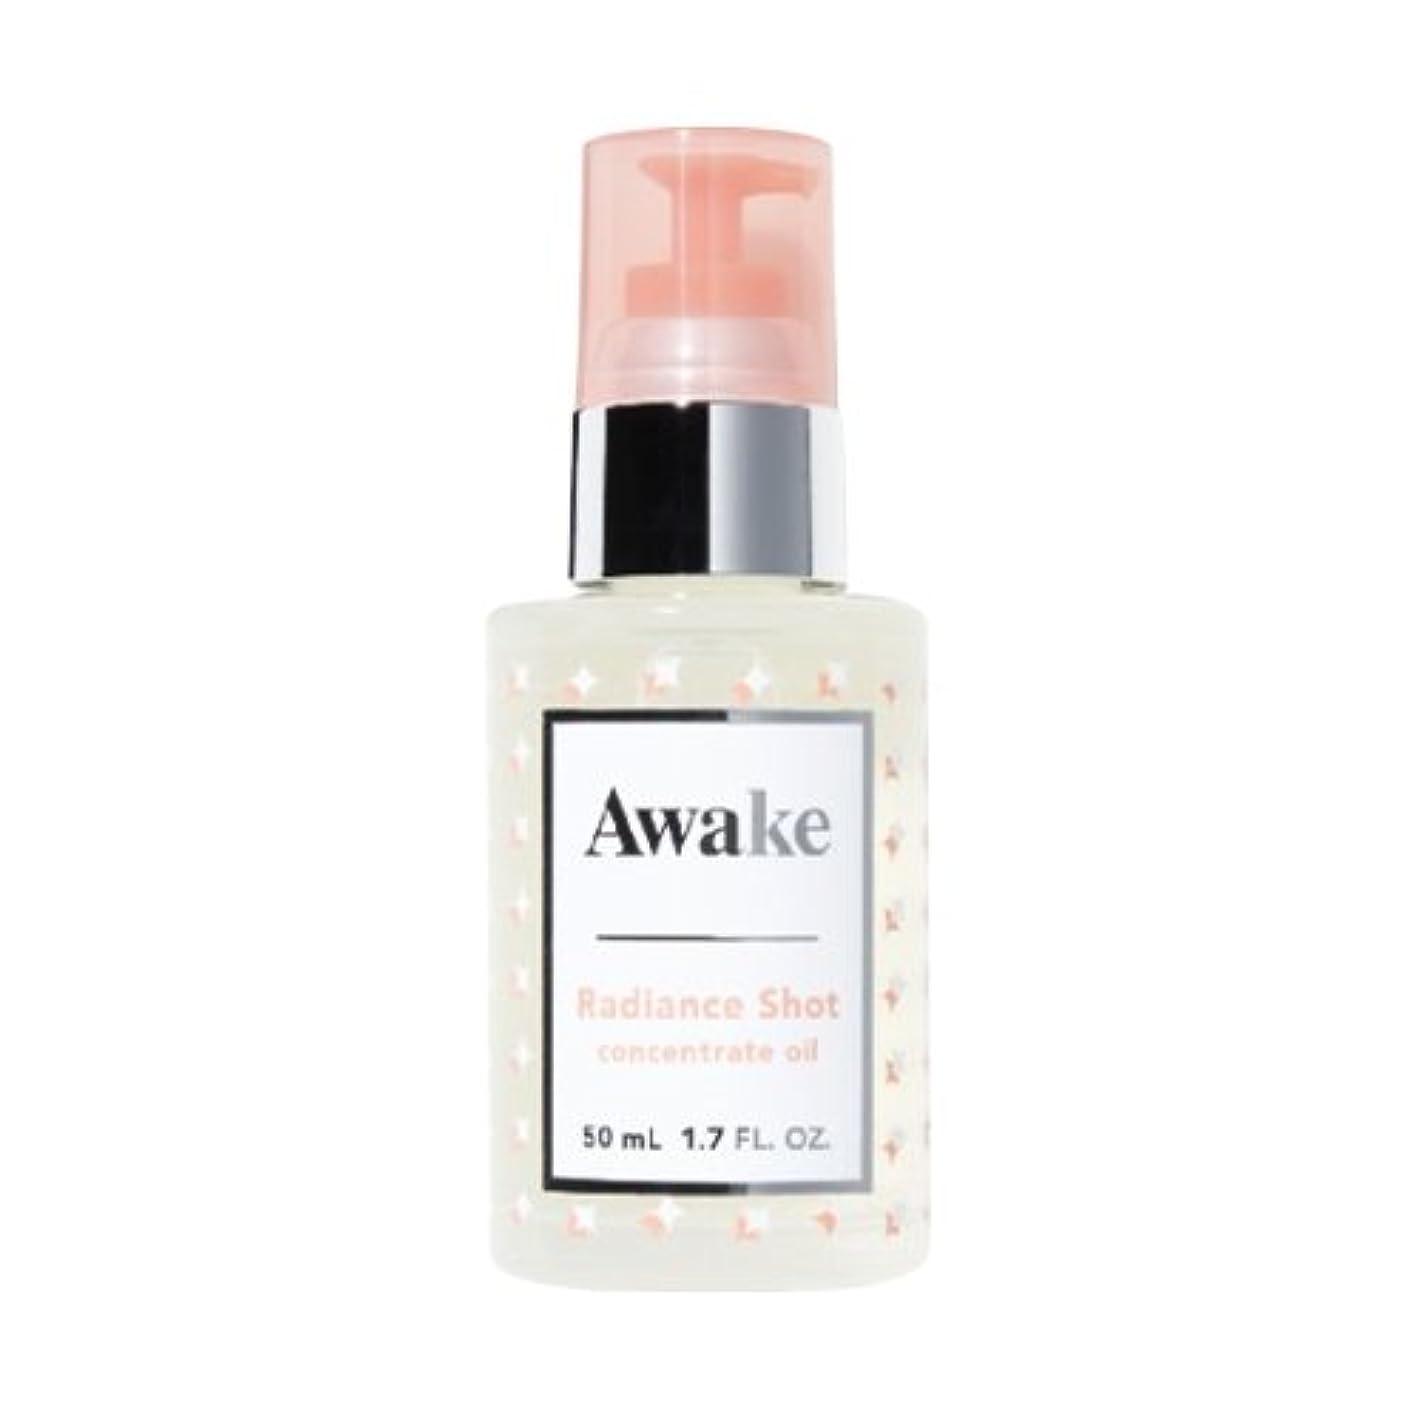 ドラフト終わらせる看板アウェイク(AWAKE) Awake(アウェイク) ラディアンスショット コンセントレイトオイル 〈美容オイル〉 (50mL)